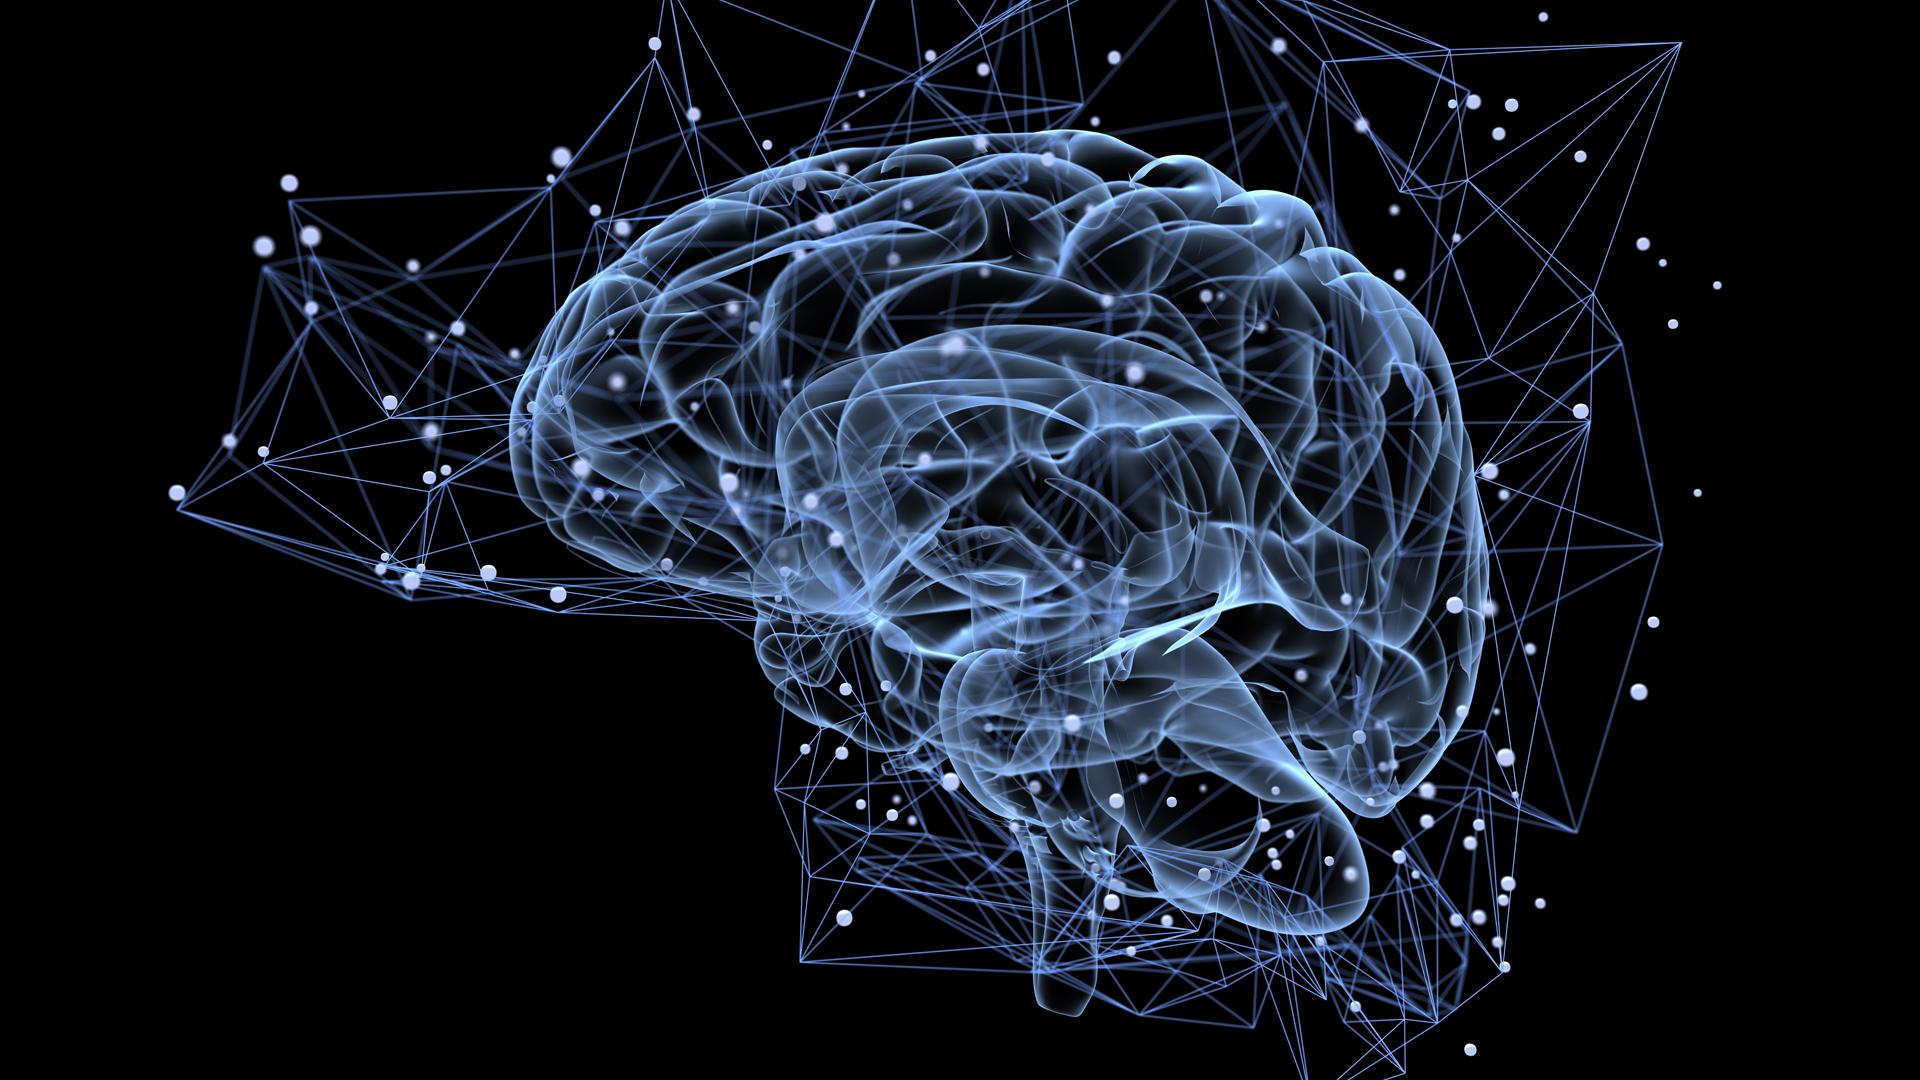 Un neurotransmisor cerebral con estimulación eléctrica sincronizada puede ser positivo para el tratamiento de la memoria (iStock)